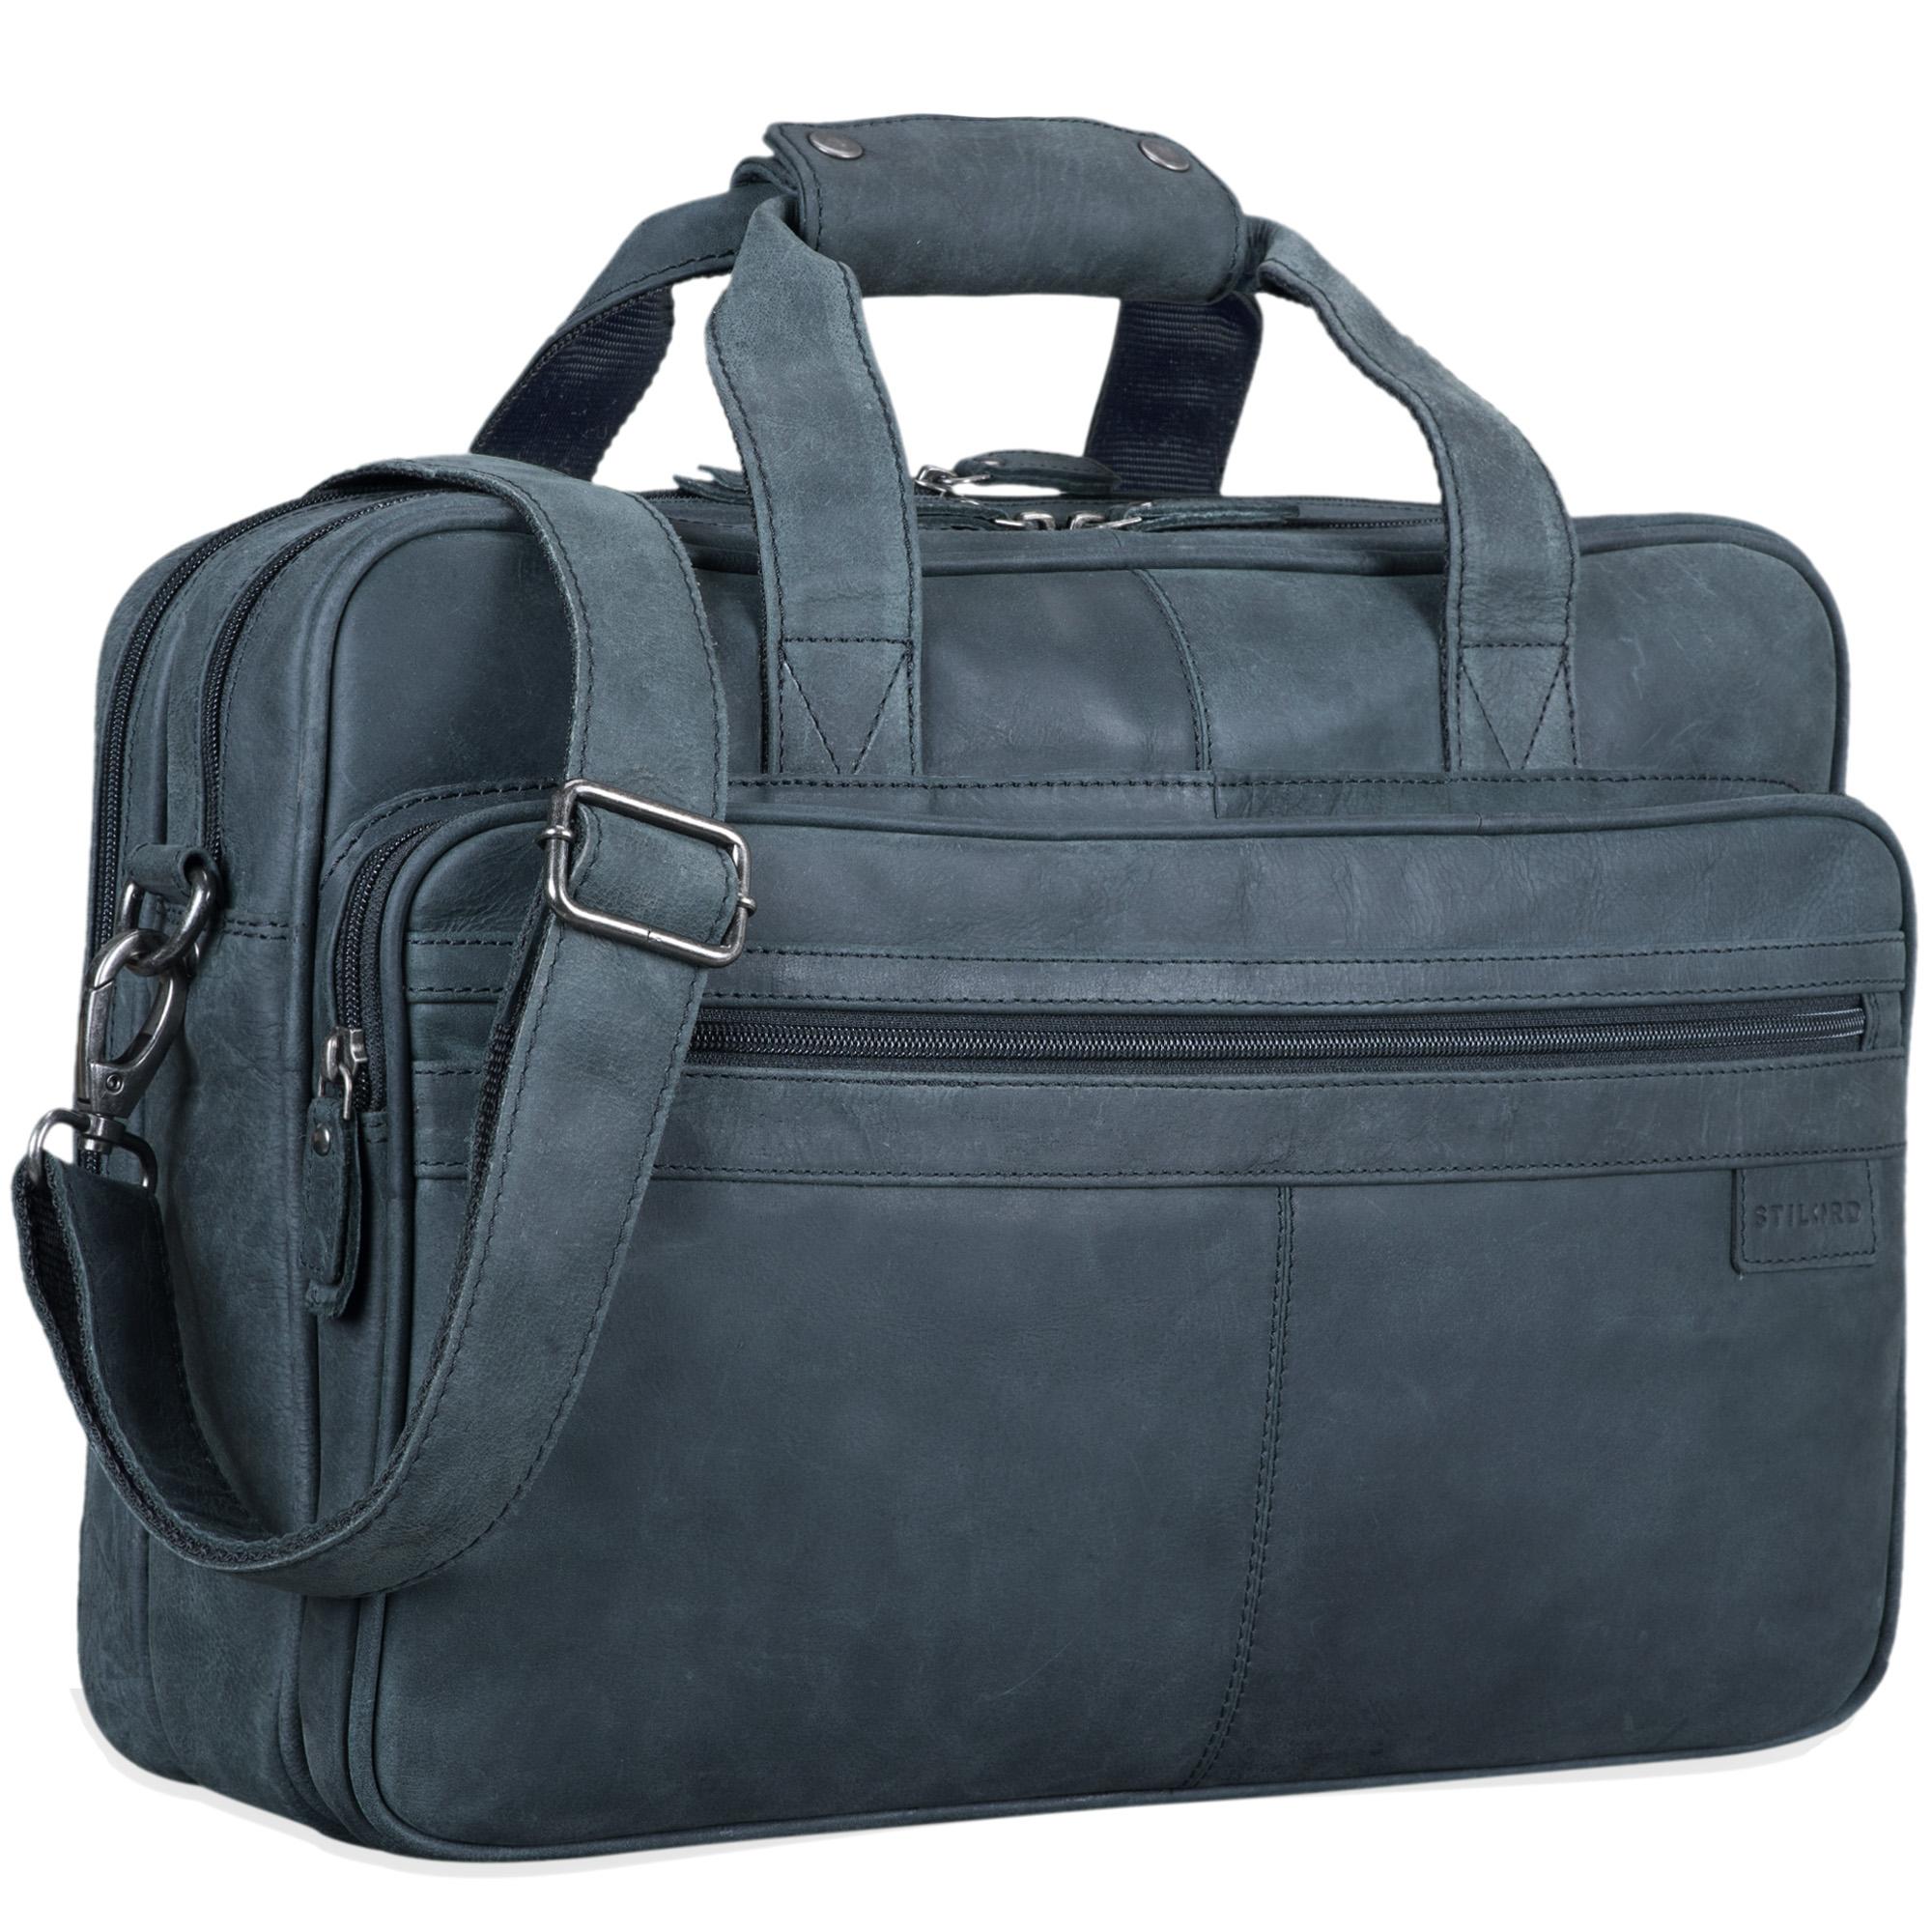 """STILORD """"Atlantis"""" Leder Aktentasche groß Vintage Lehrertasche Arbeitstasche große Ledertasche Businesstasche zum Umhängen Trolley aufsteckbar - Bild 11"""